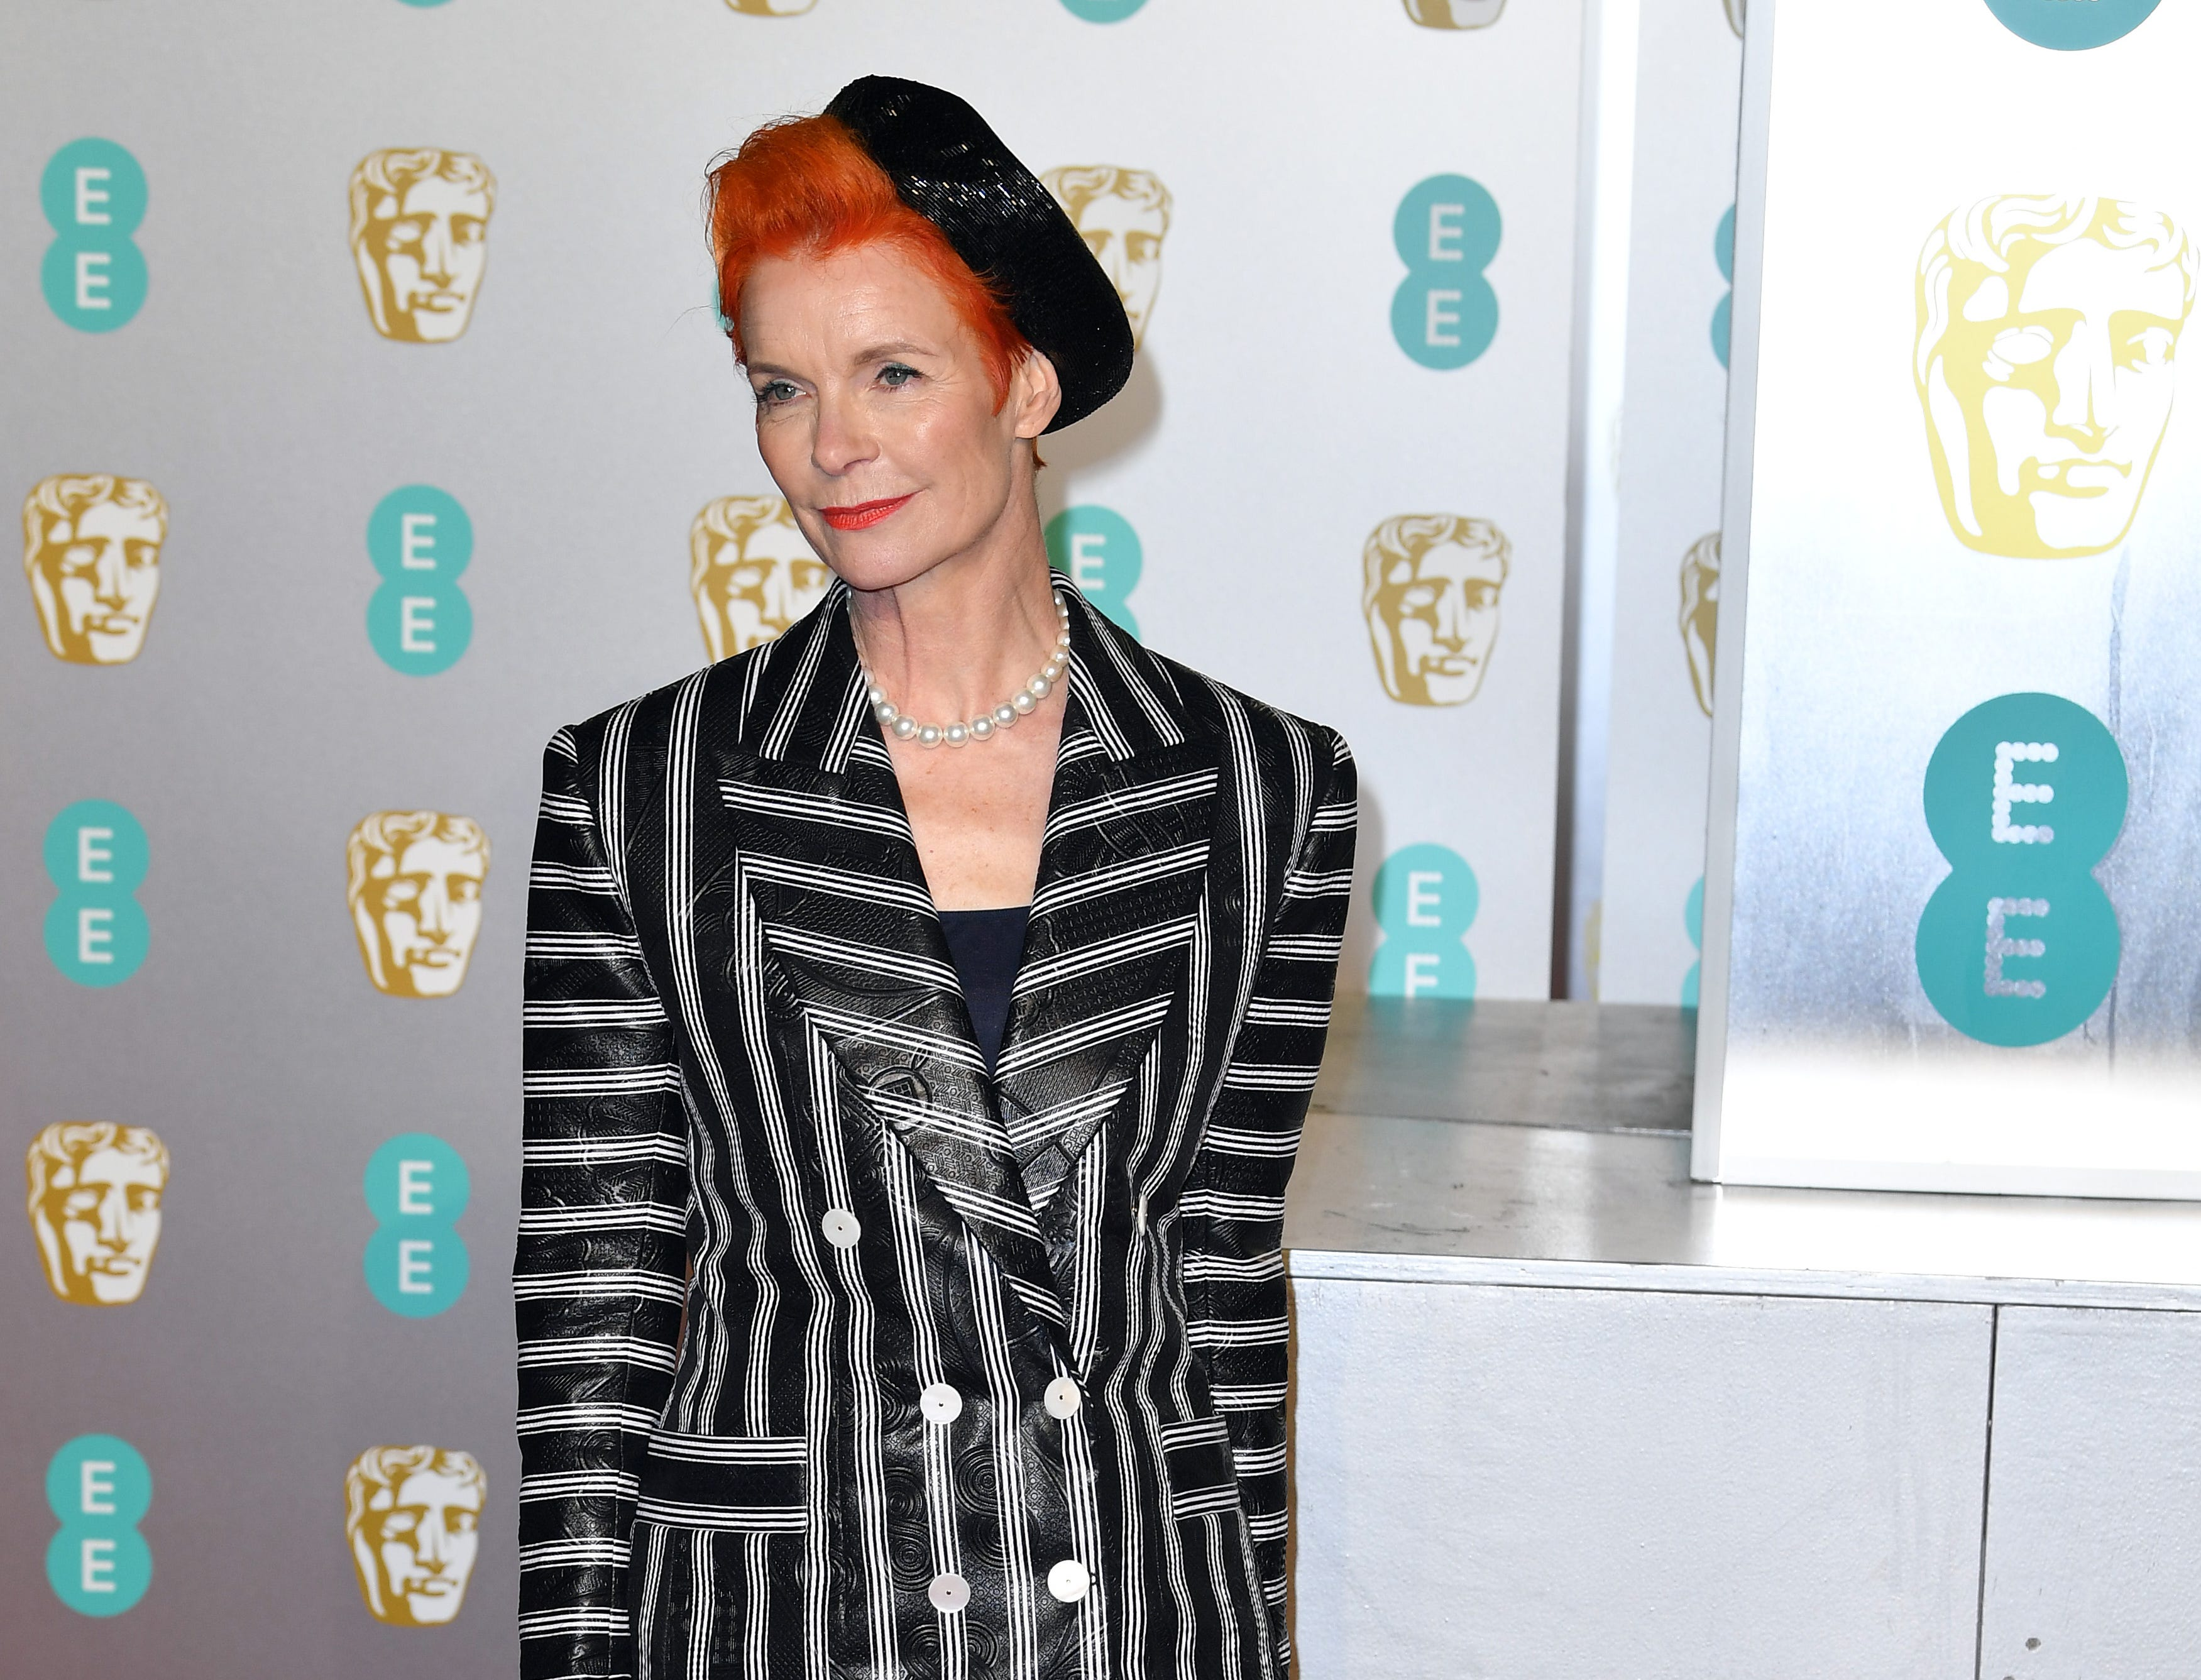 Sandy Powell a su llegada a la alfombra roja de los Premios de la Academia Británica de Cine BAFTA en el Royal Albert Hall en Londres el 10 de febrero de 2019.